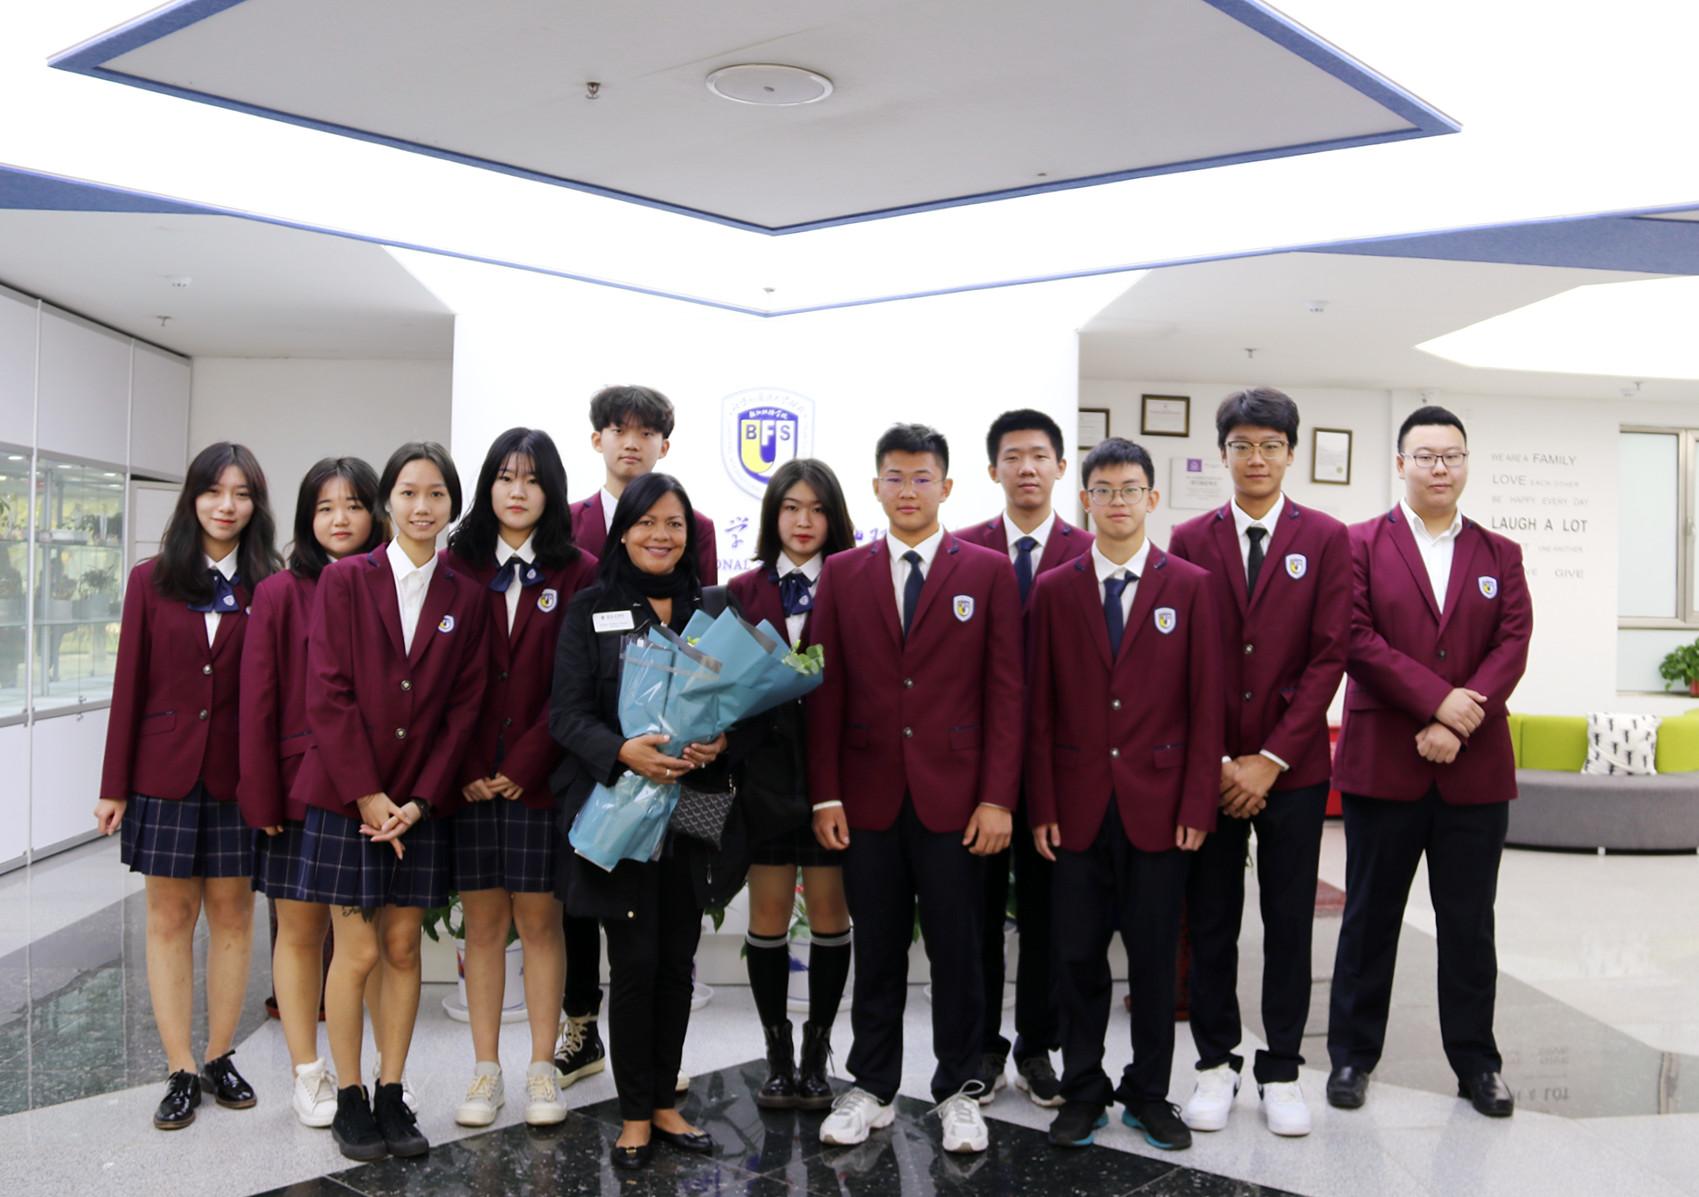 国际合作∣美国依隆大学国际招生部主任到访北京外国语大学国际高中访问交流